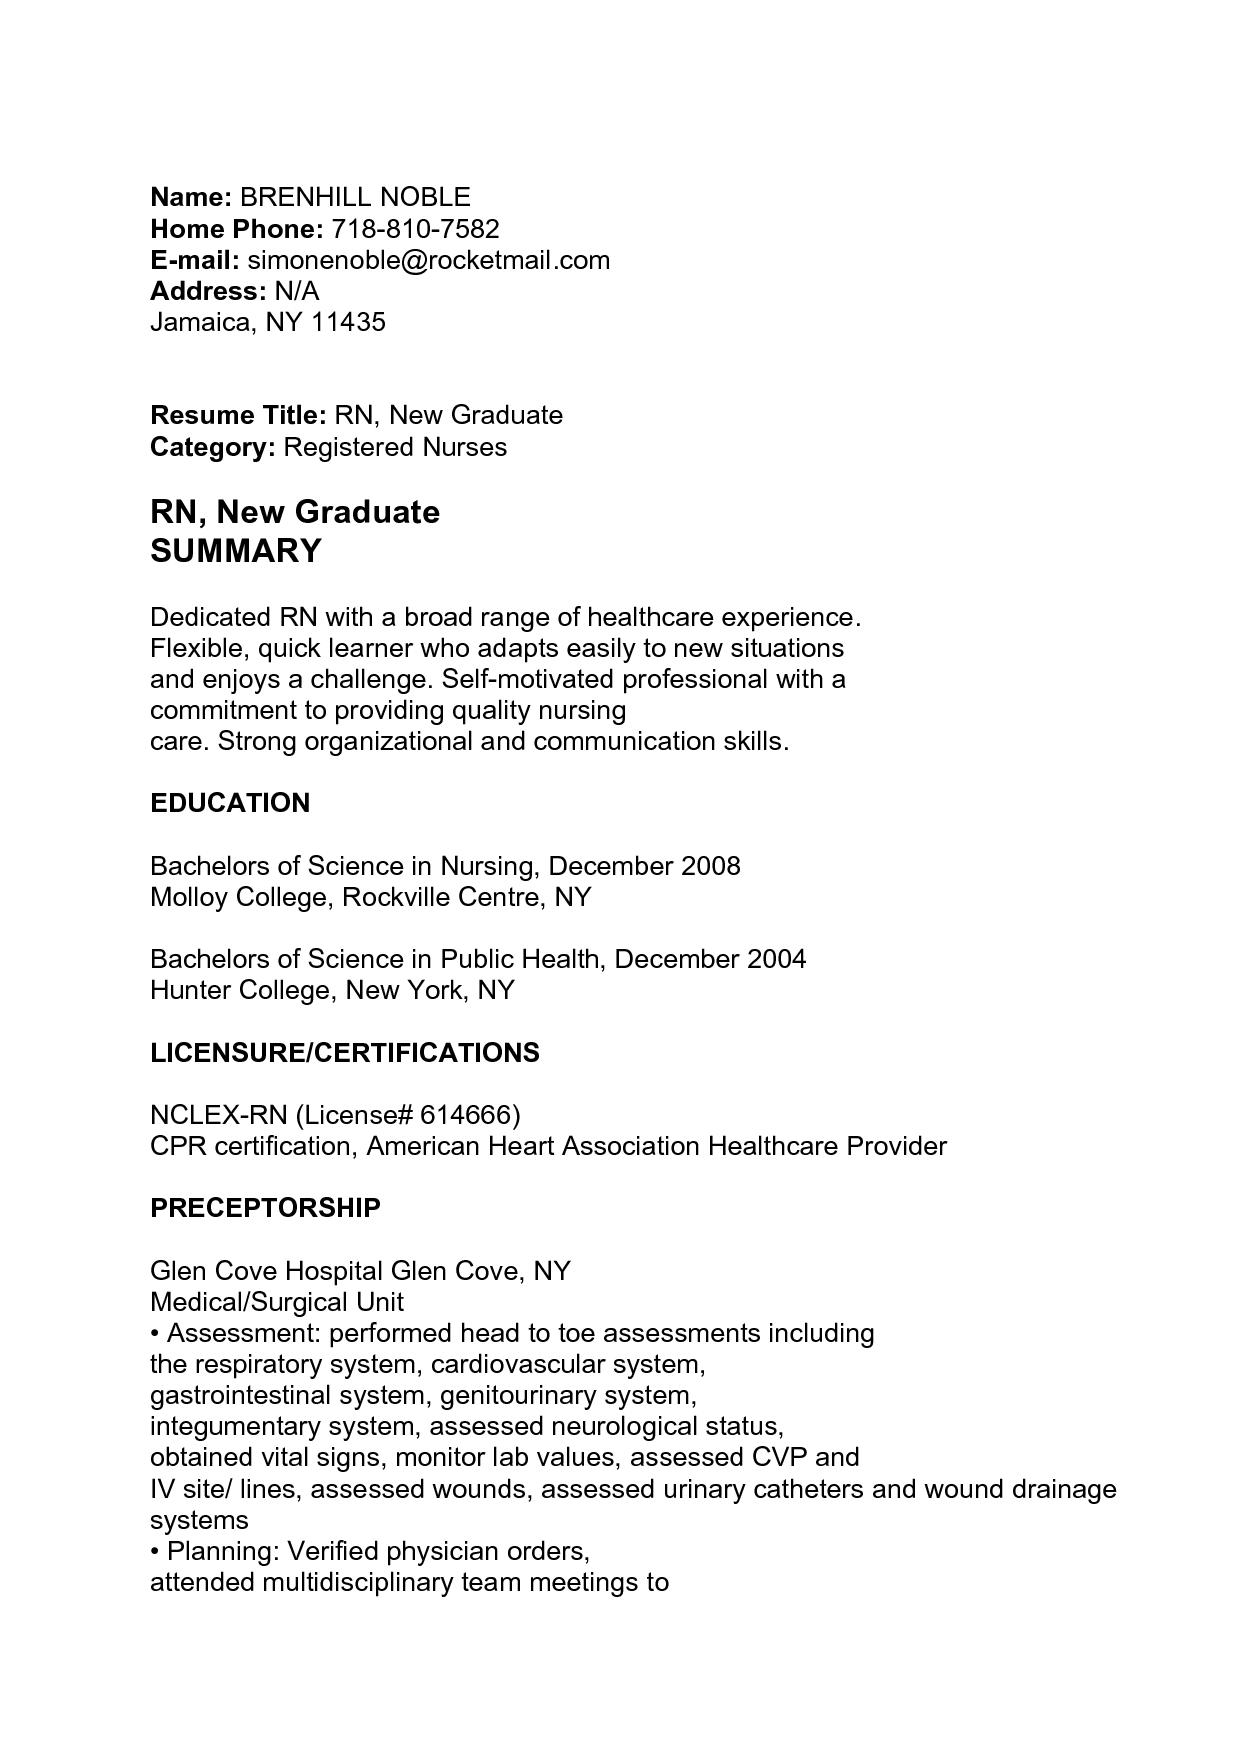 Pin New Graduate Registered Nurse Cover Letter Cake On Pinterest Nursing Resume Rn Resume Nursing Resume Examples